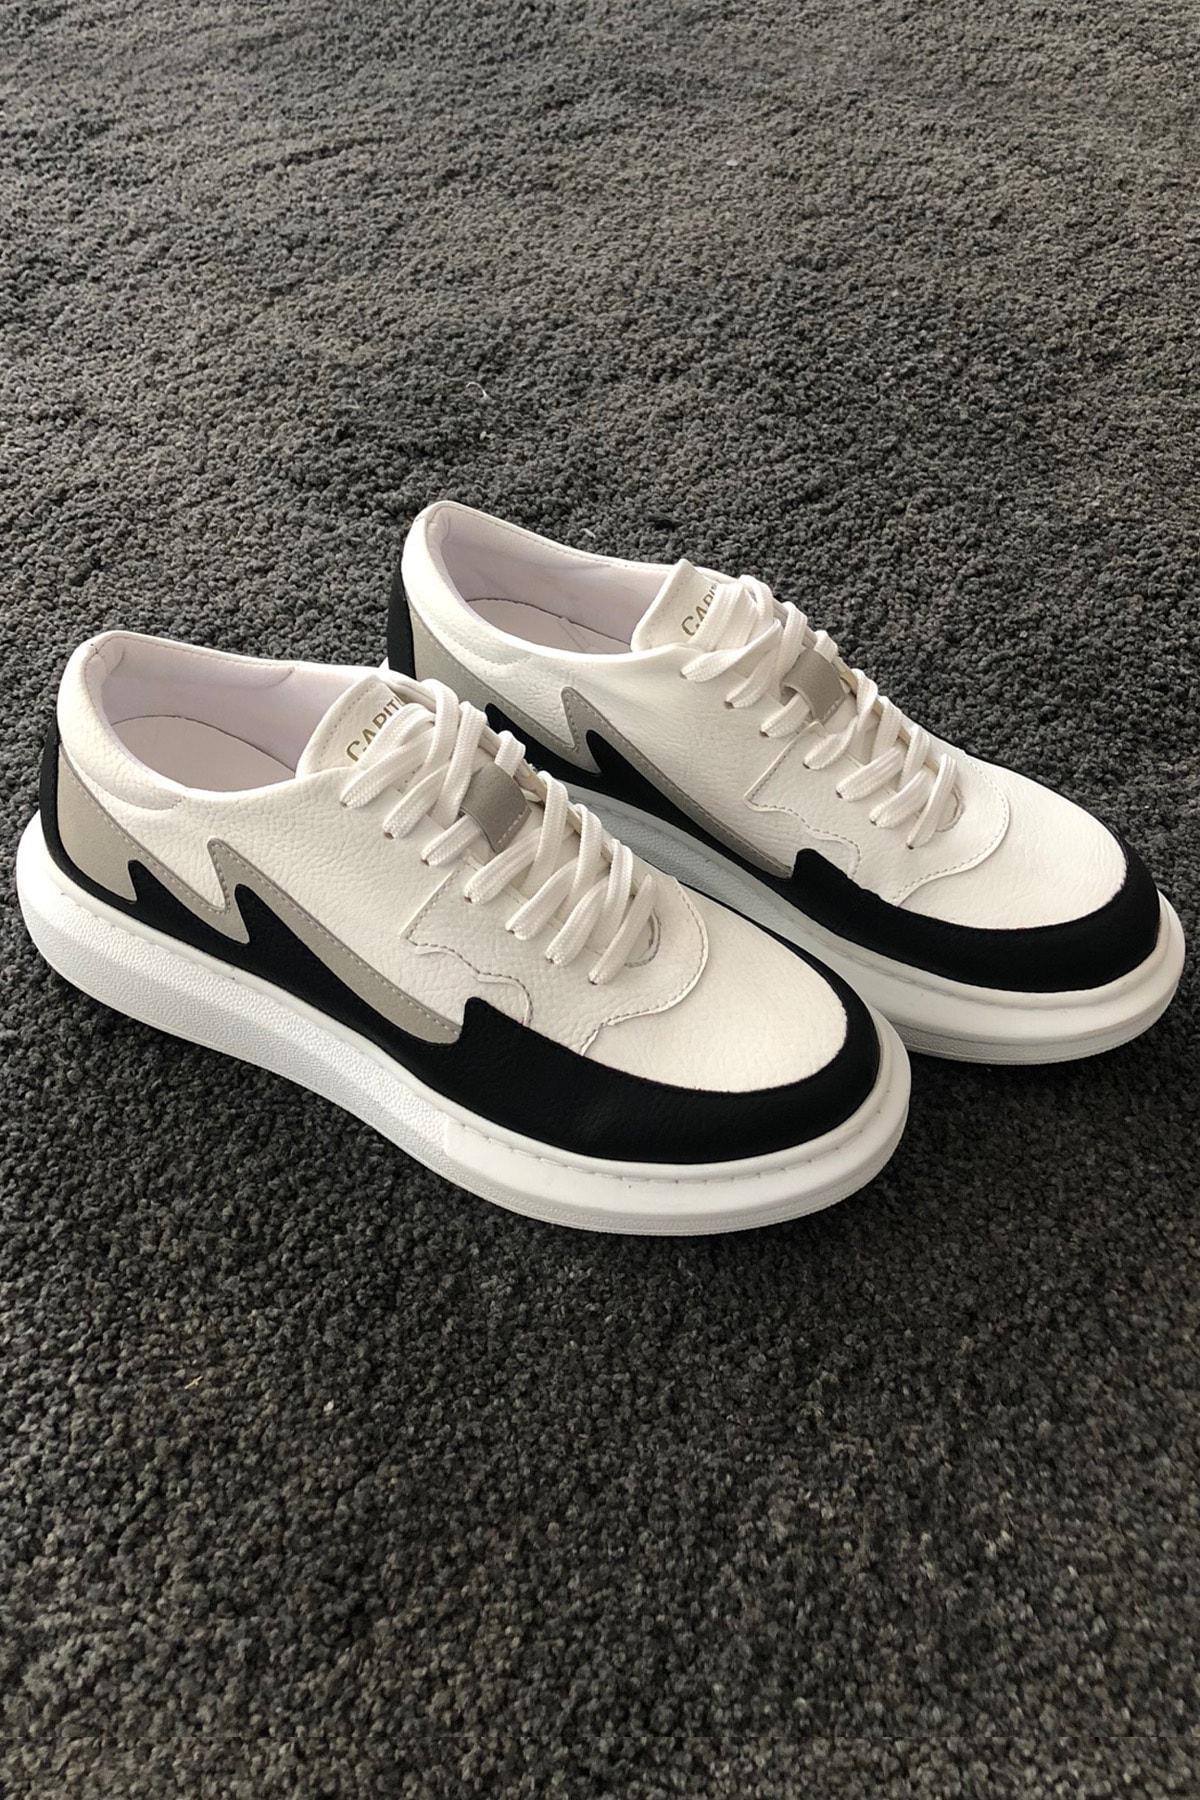 DE PLEIN Capitano Sneaker Beyaz-Siyah Erkek Ayakkabı 1